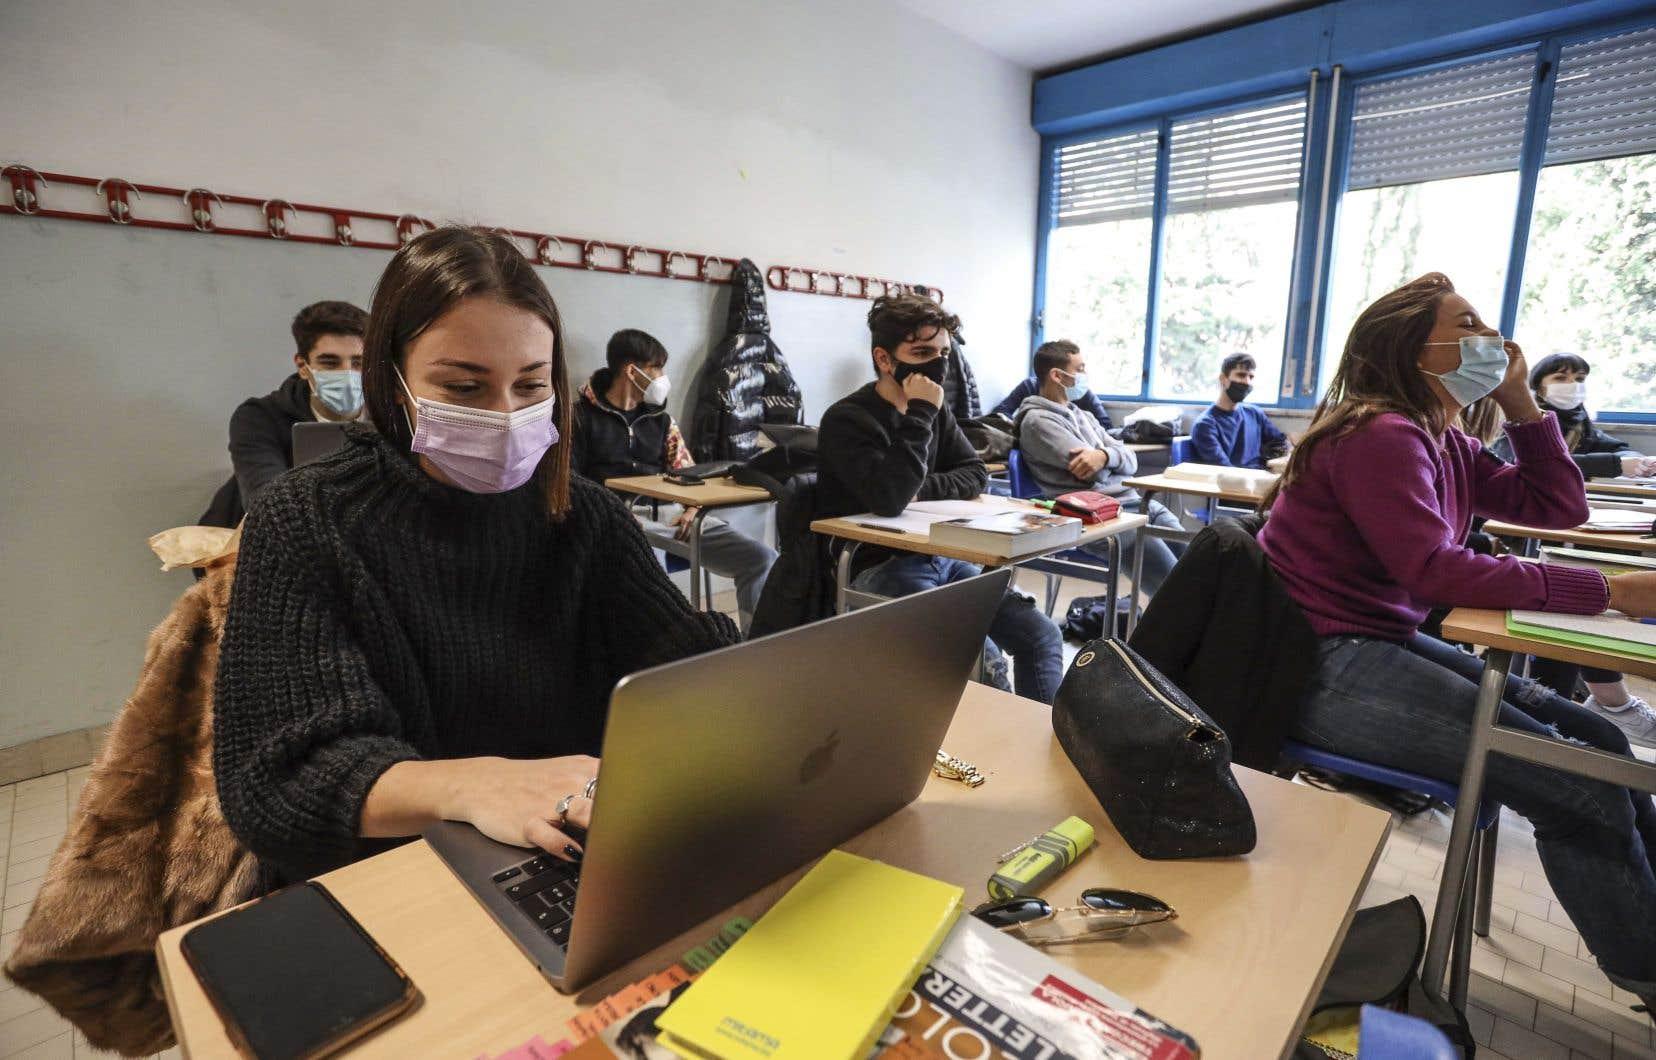 Si 75% des 12-17 ans sont vaccinés d'ici la fin août, la rentrée scolaire en septembre se fera sans masque ni bulles-classes.